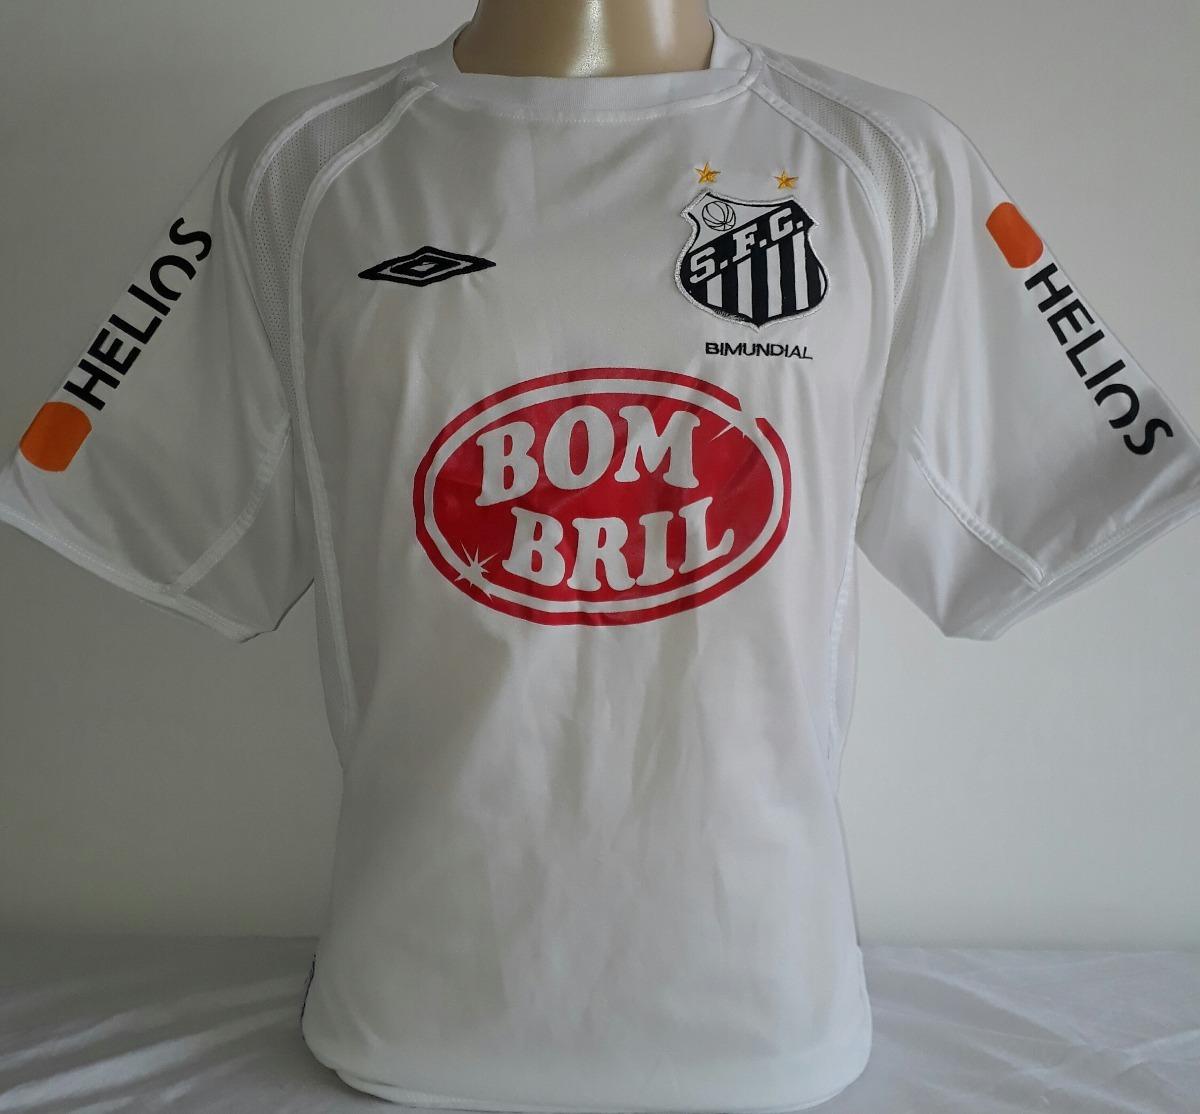 fa4abc0876099 camisa santos campeão brasileiro de 2004 umbro bombril - 17. Carregando  zoom.